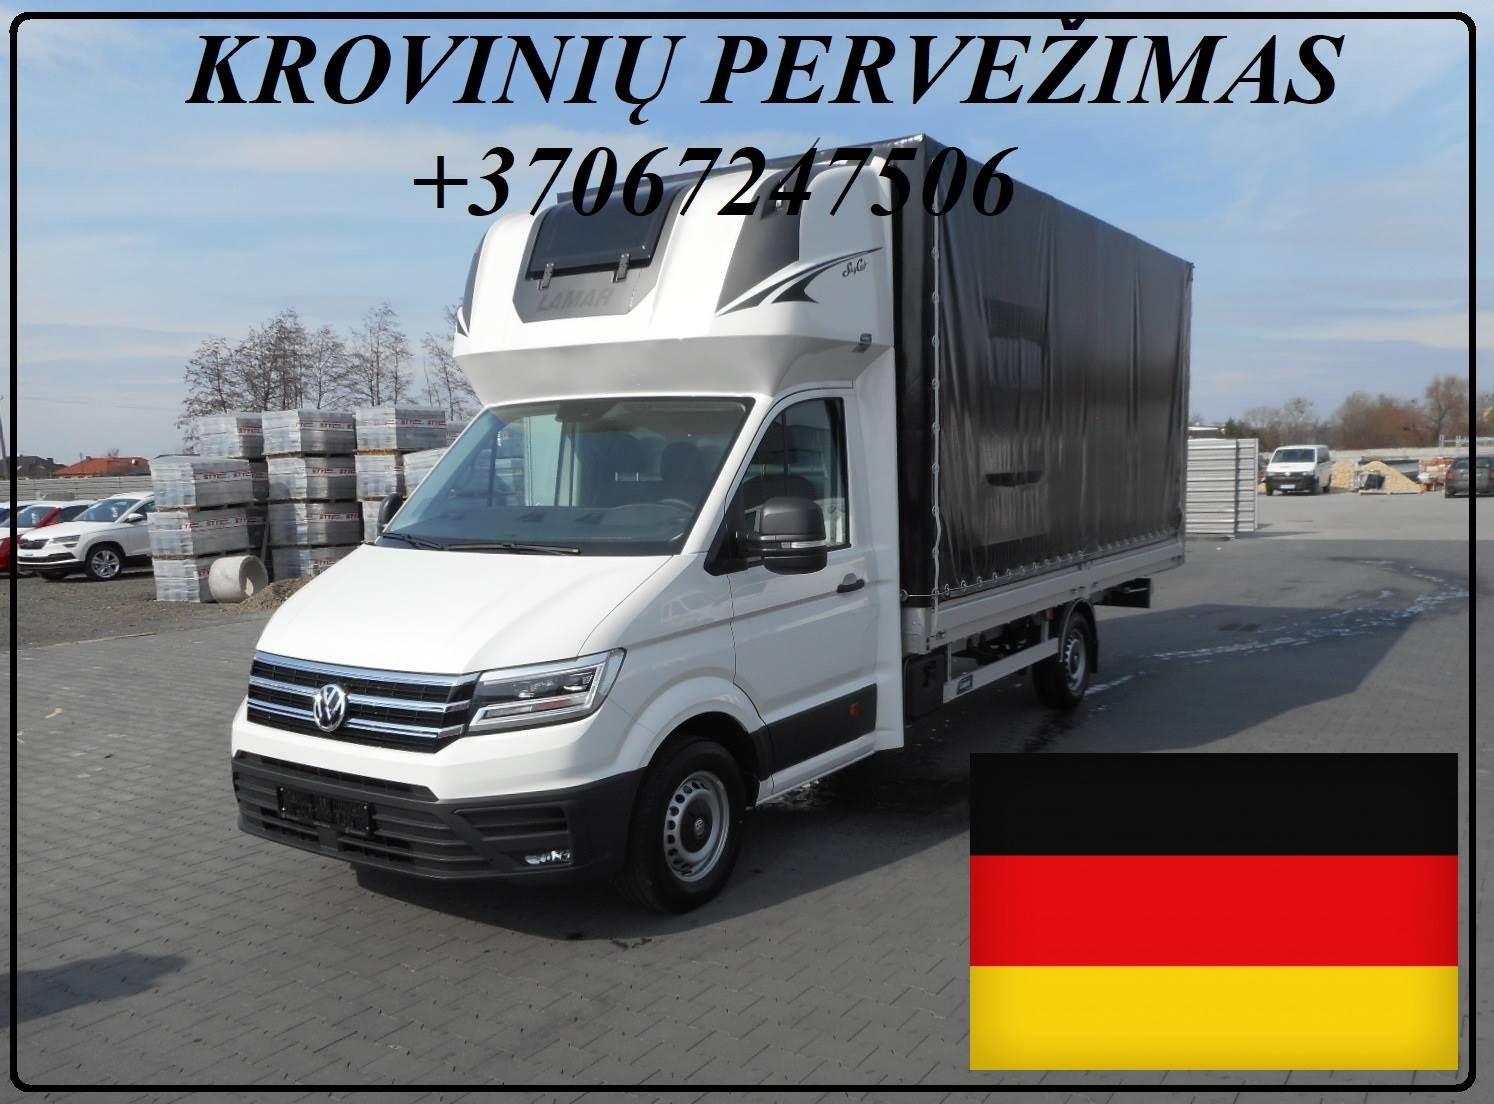 Vokietija Lietuva kroviniu gabenimas / pervezimas DE LT